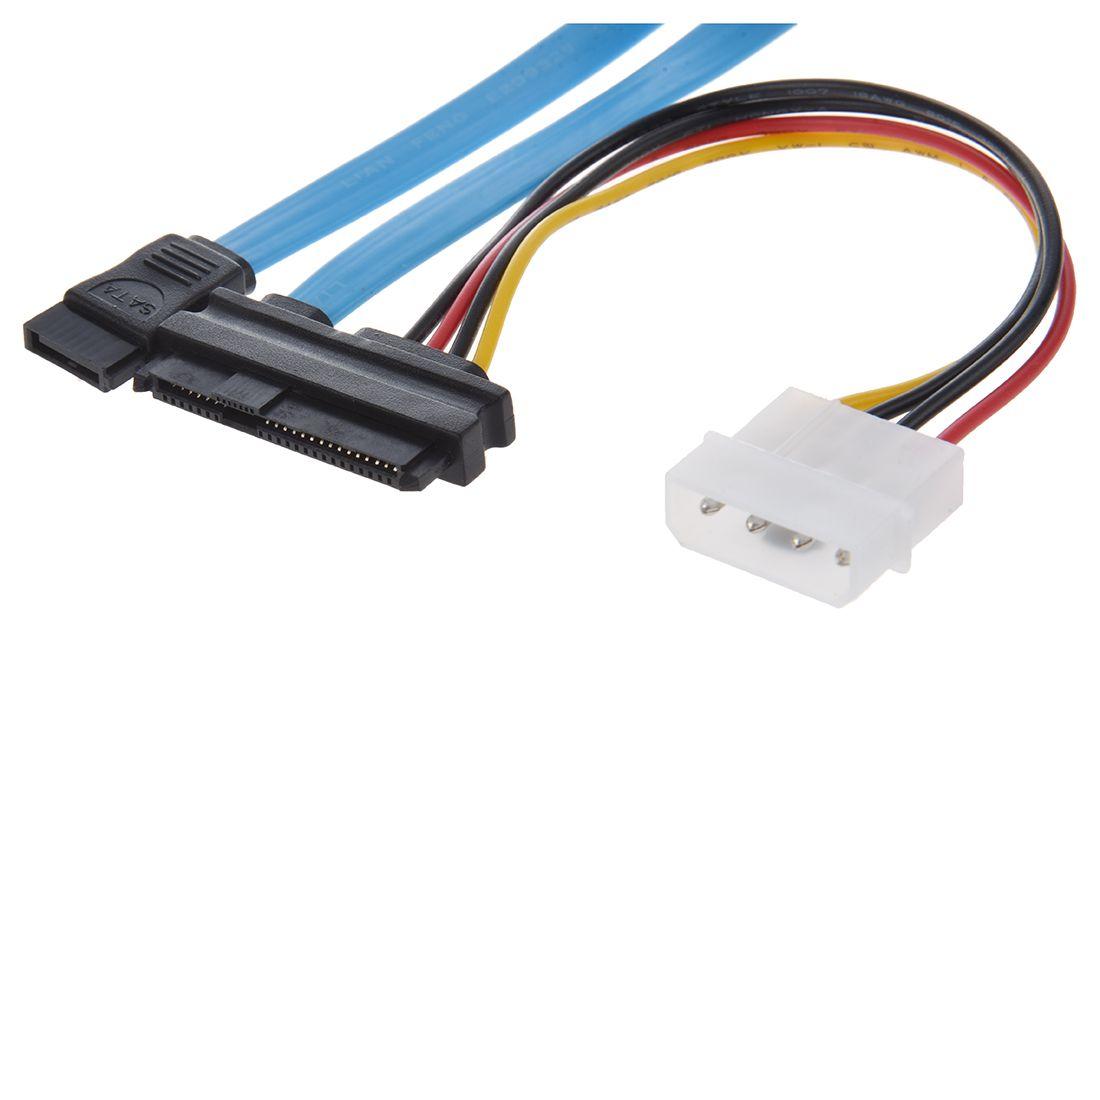 WSFS Hot 7 Pin SATA to SAS 29 Pin & 4 Pin Connector Power Cable ...